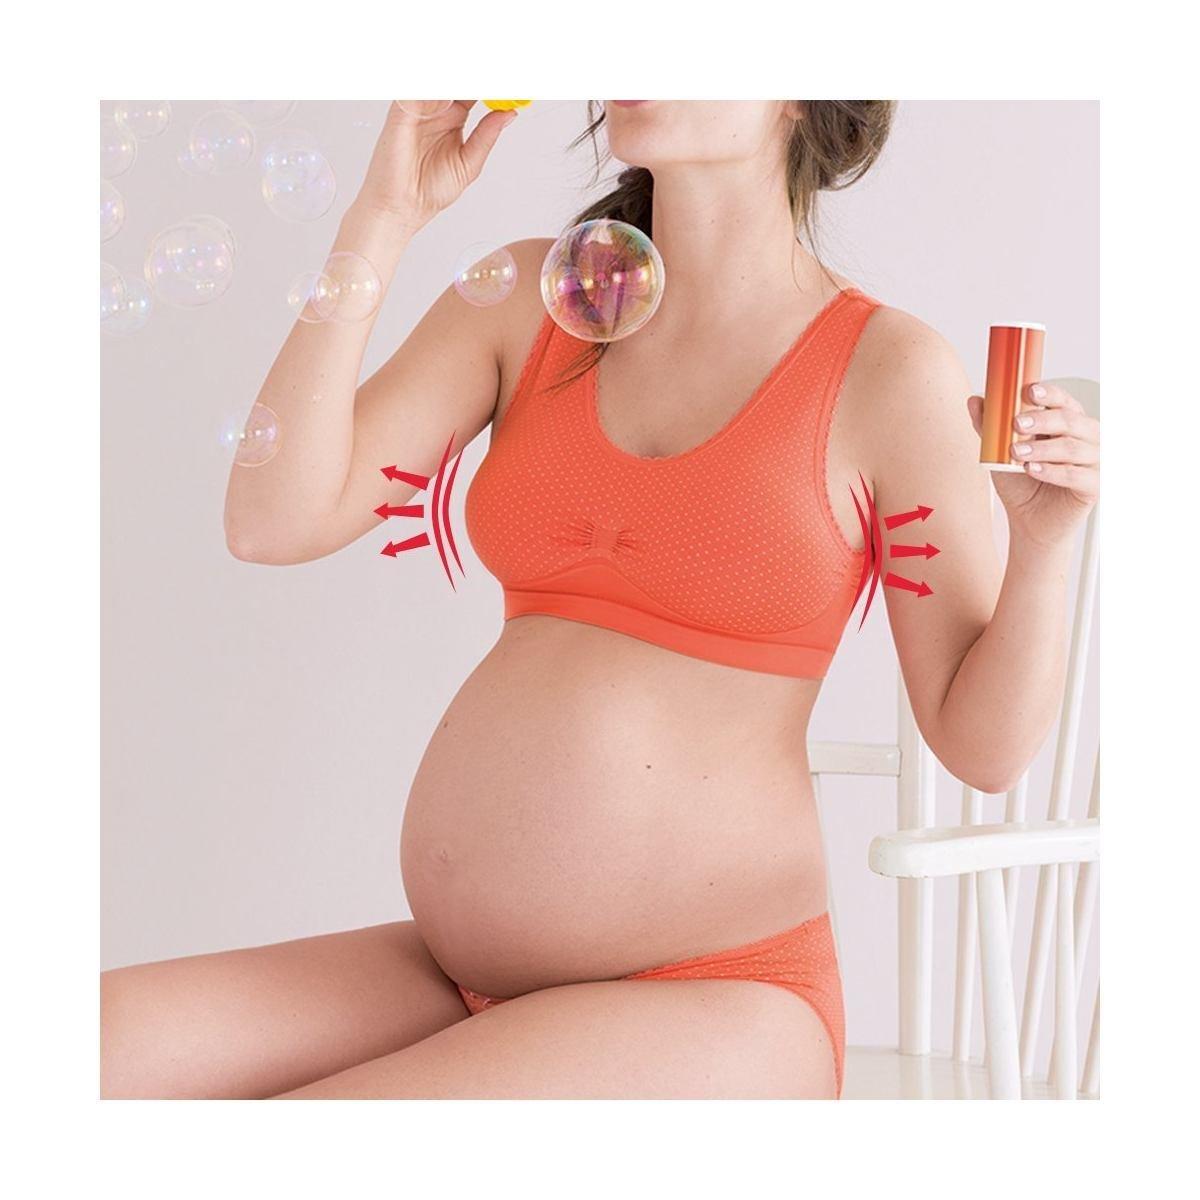 Бюстгальтер для беременных Anita 5197 коралловый